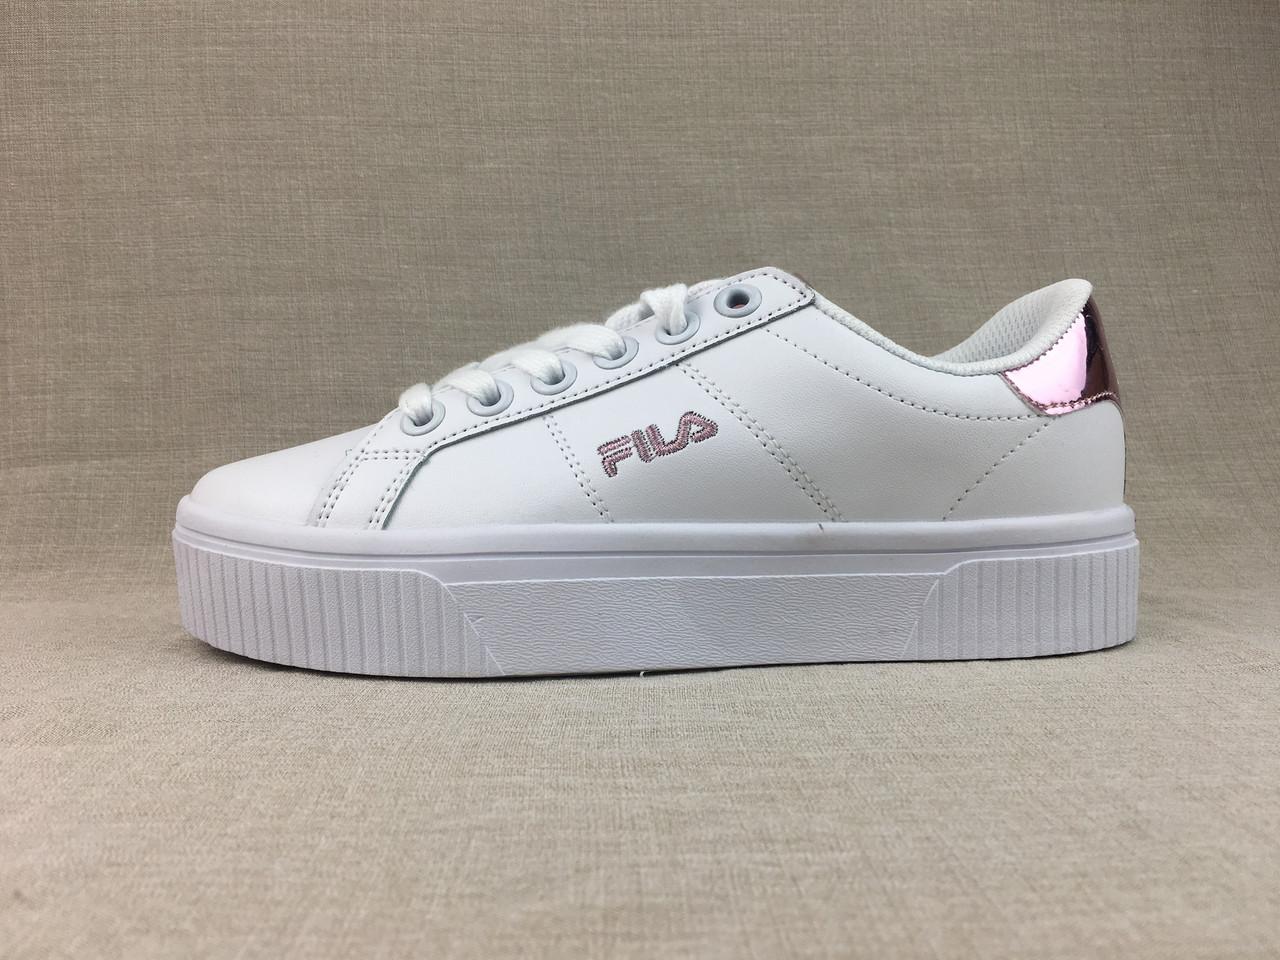 Женские кеды-кроссовки Fila Court Deluce VC на платформе белые с розовым  2535 - Компания e37bd5085c2